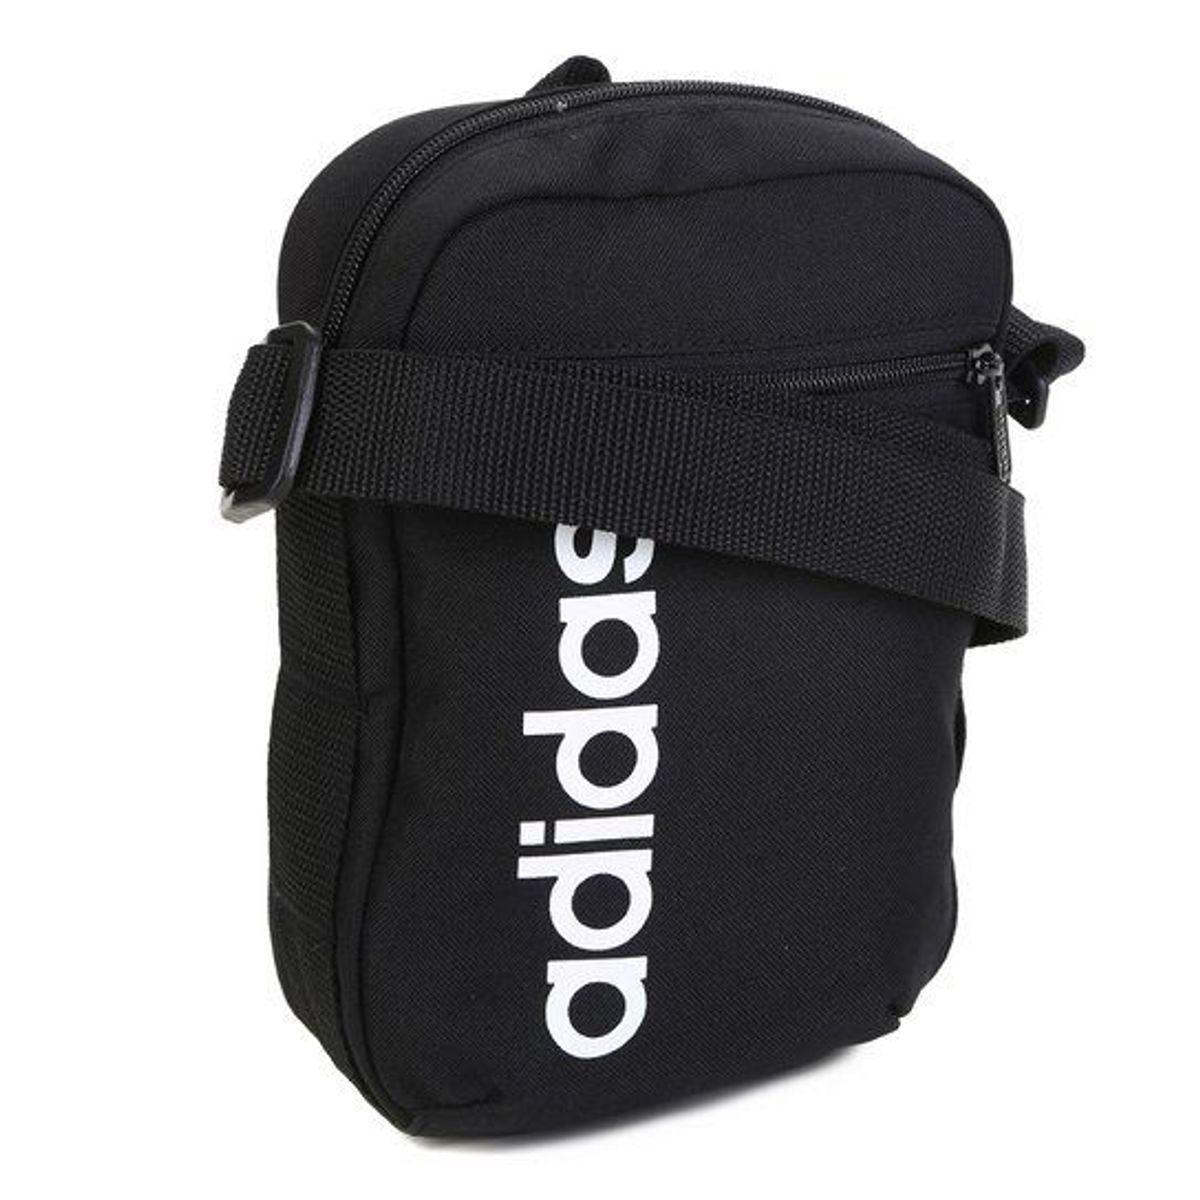 e2868886a Shoulder Bag Adidas Linear Core Pochete Preto Original   Bolsa Masculina  Adidas Nunca Usado 33267220   enjoei